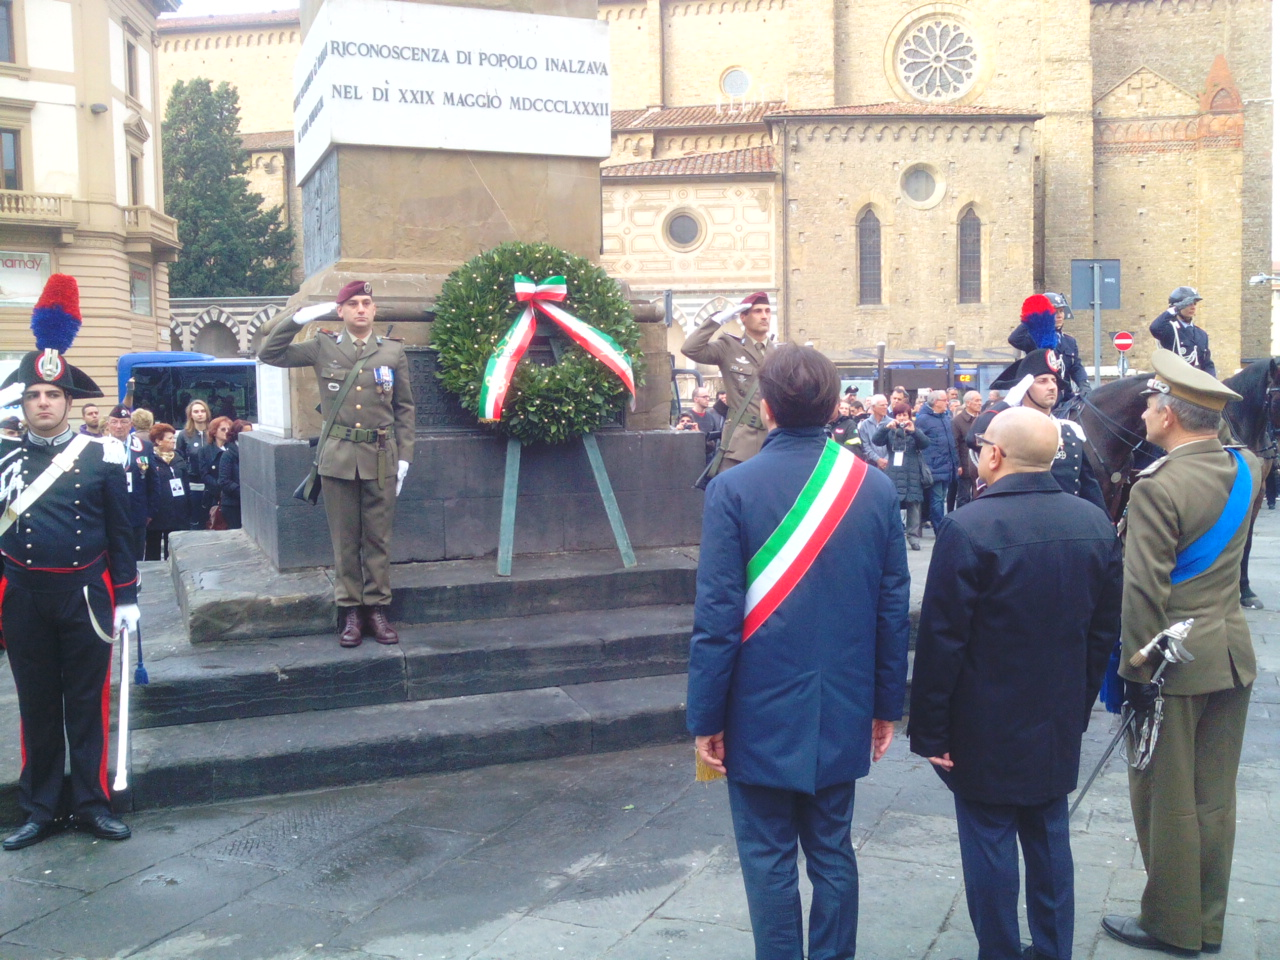 cerimonia militare in piazza (ph comunicato)